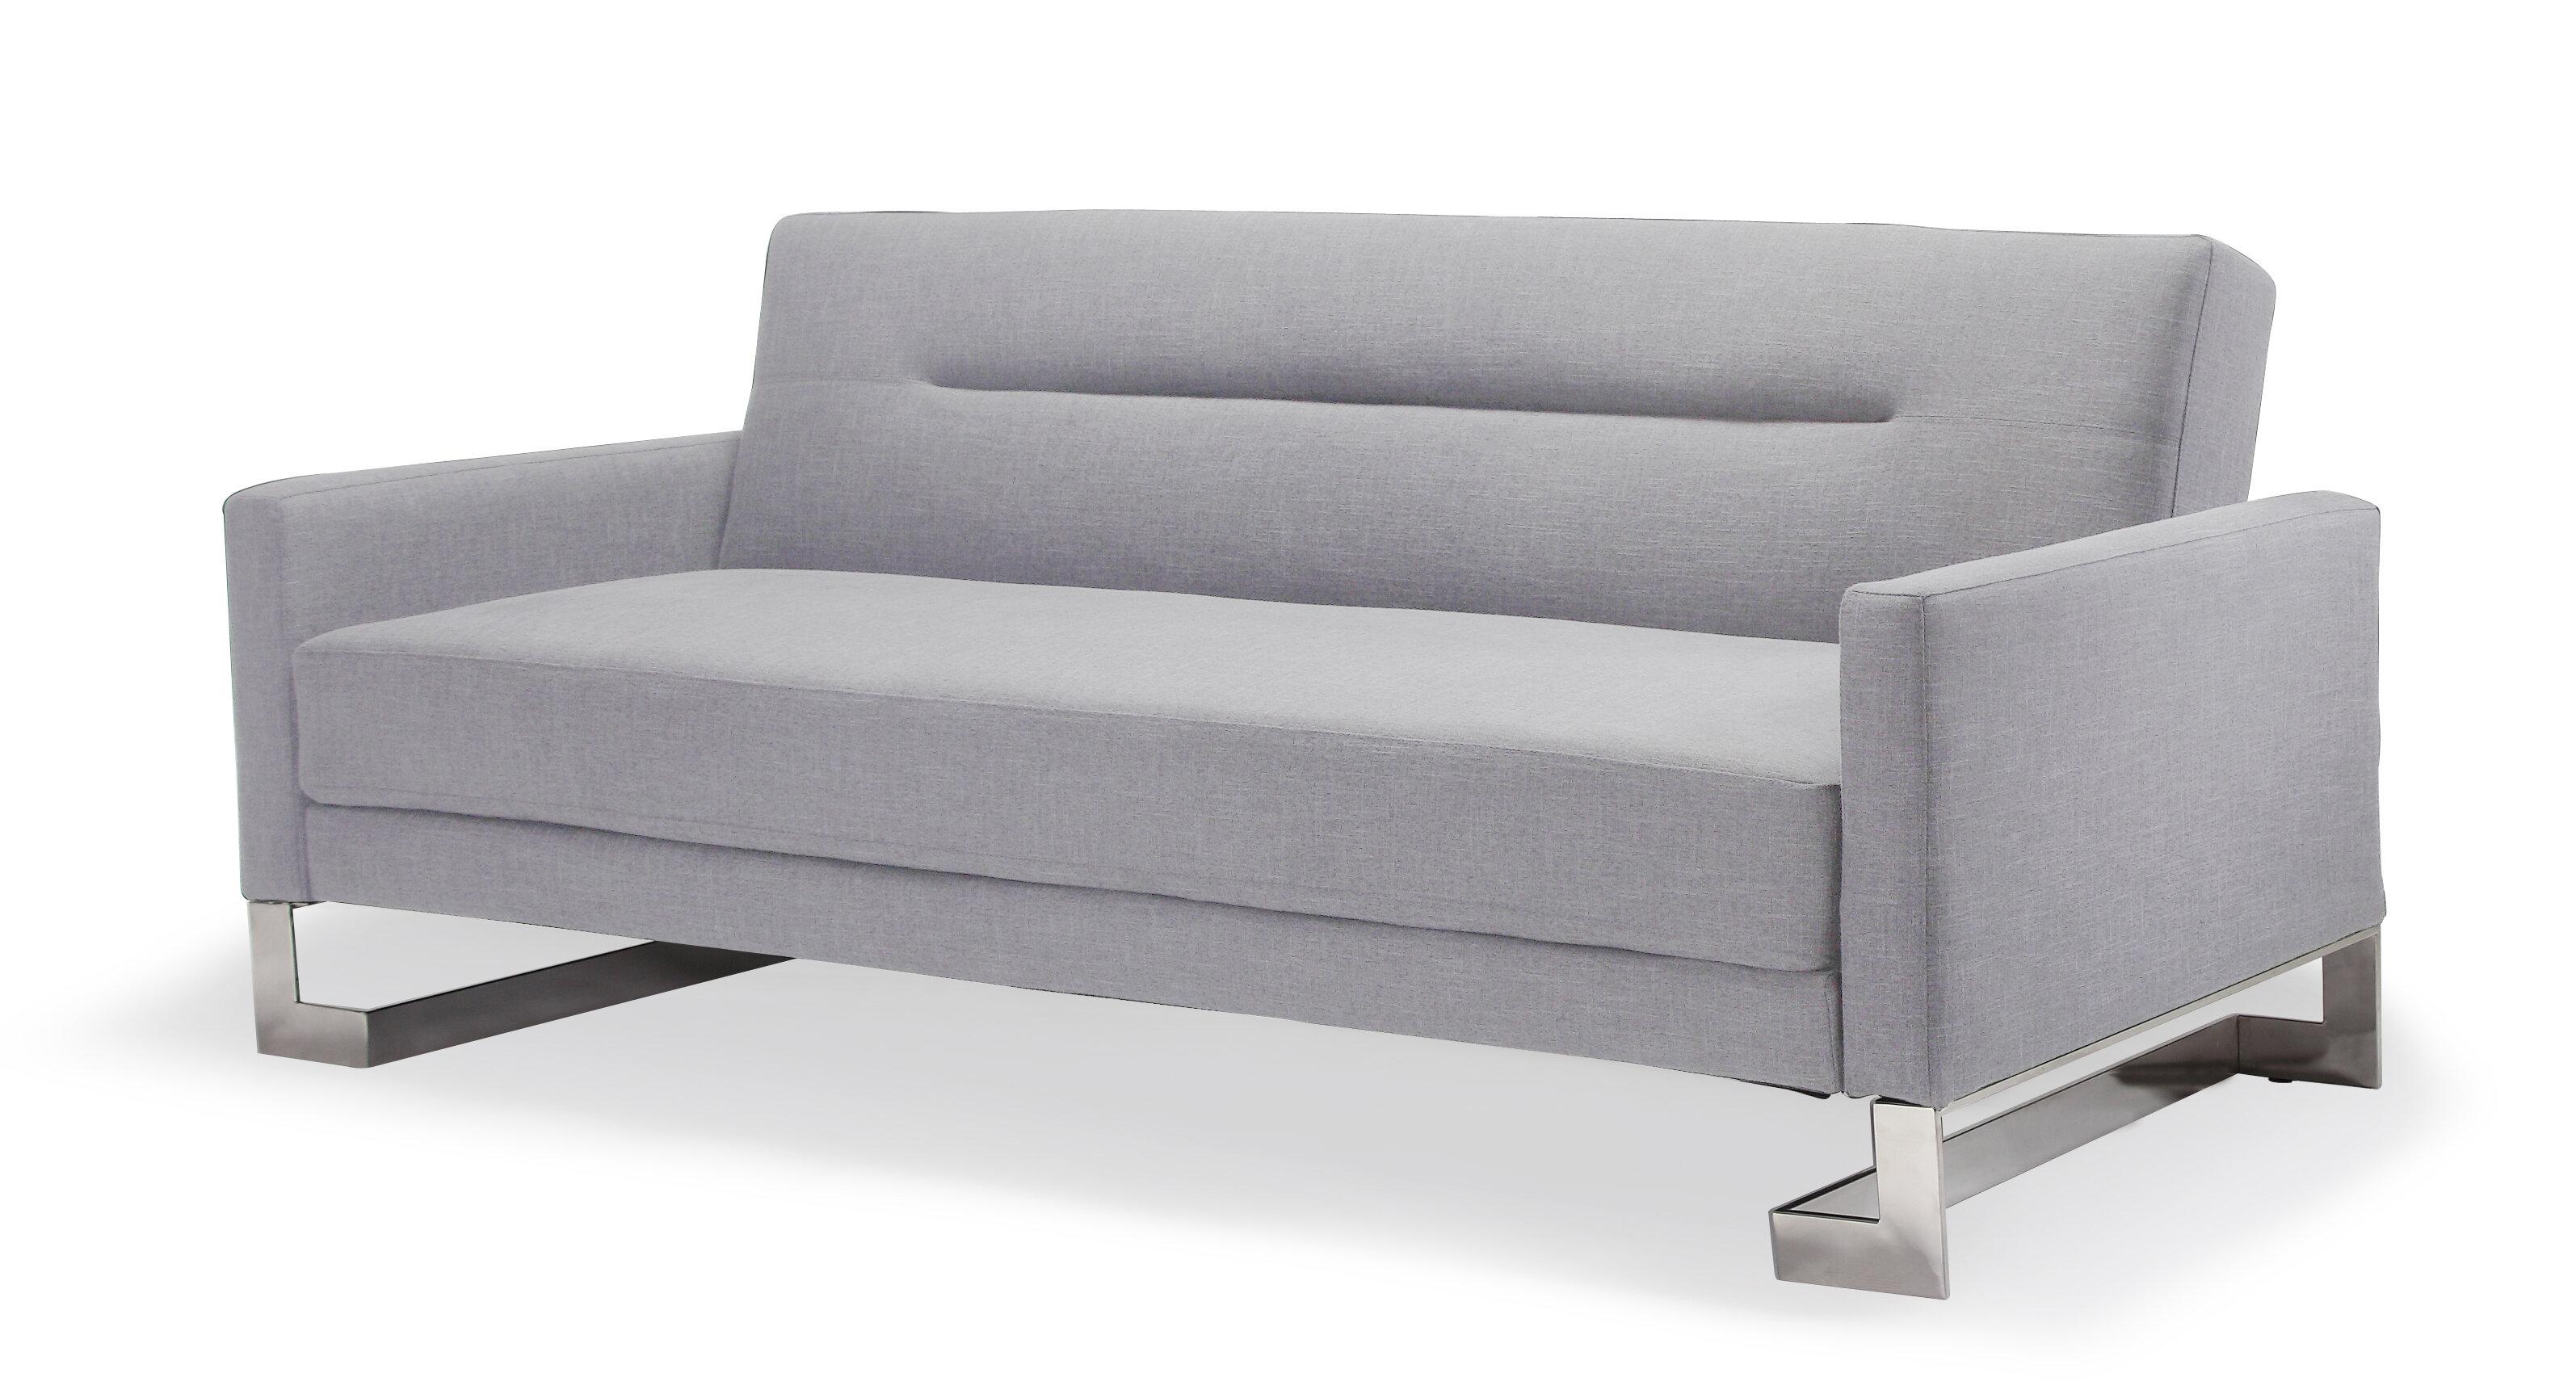 Orren Ellis Godmond Modern Sleeper Sofa & Reviews | Wayfair